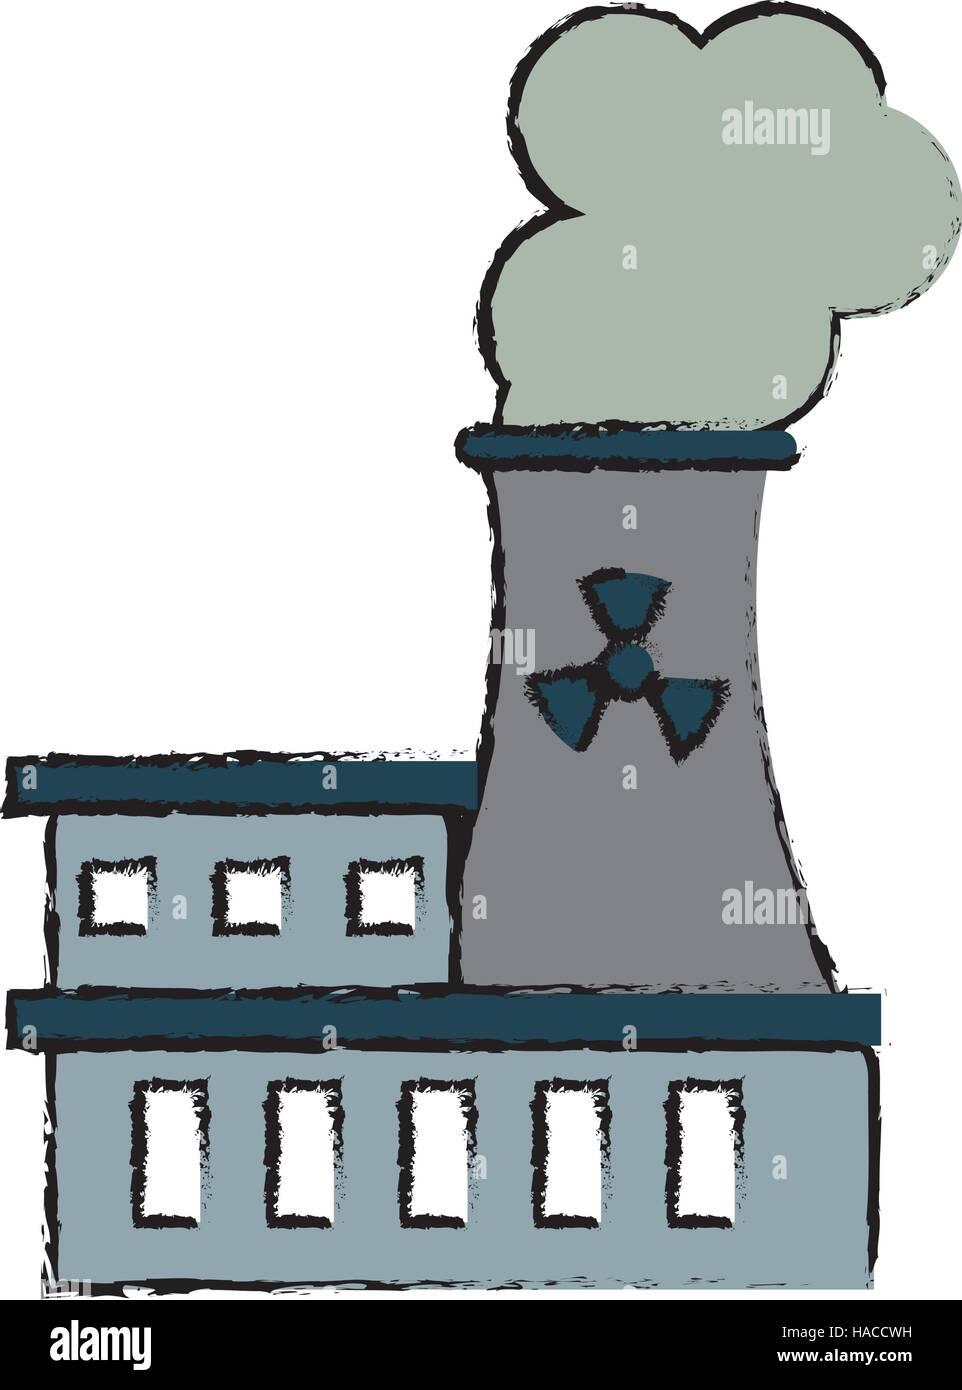 Dibujo De La Estación De Energía Nuclear Contaminación Energética